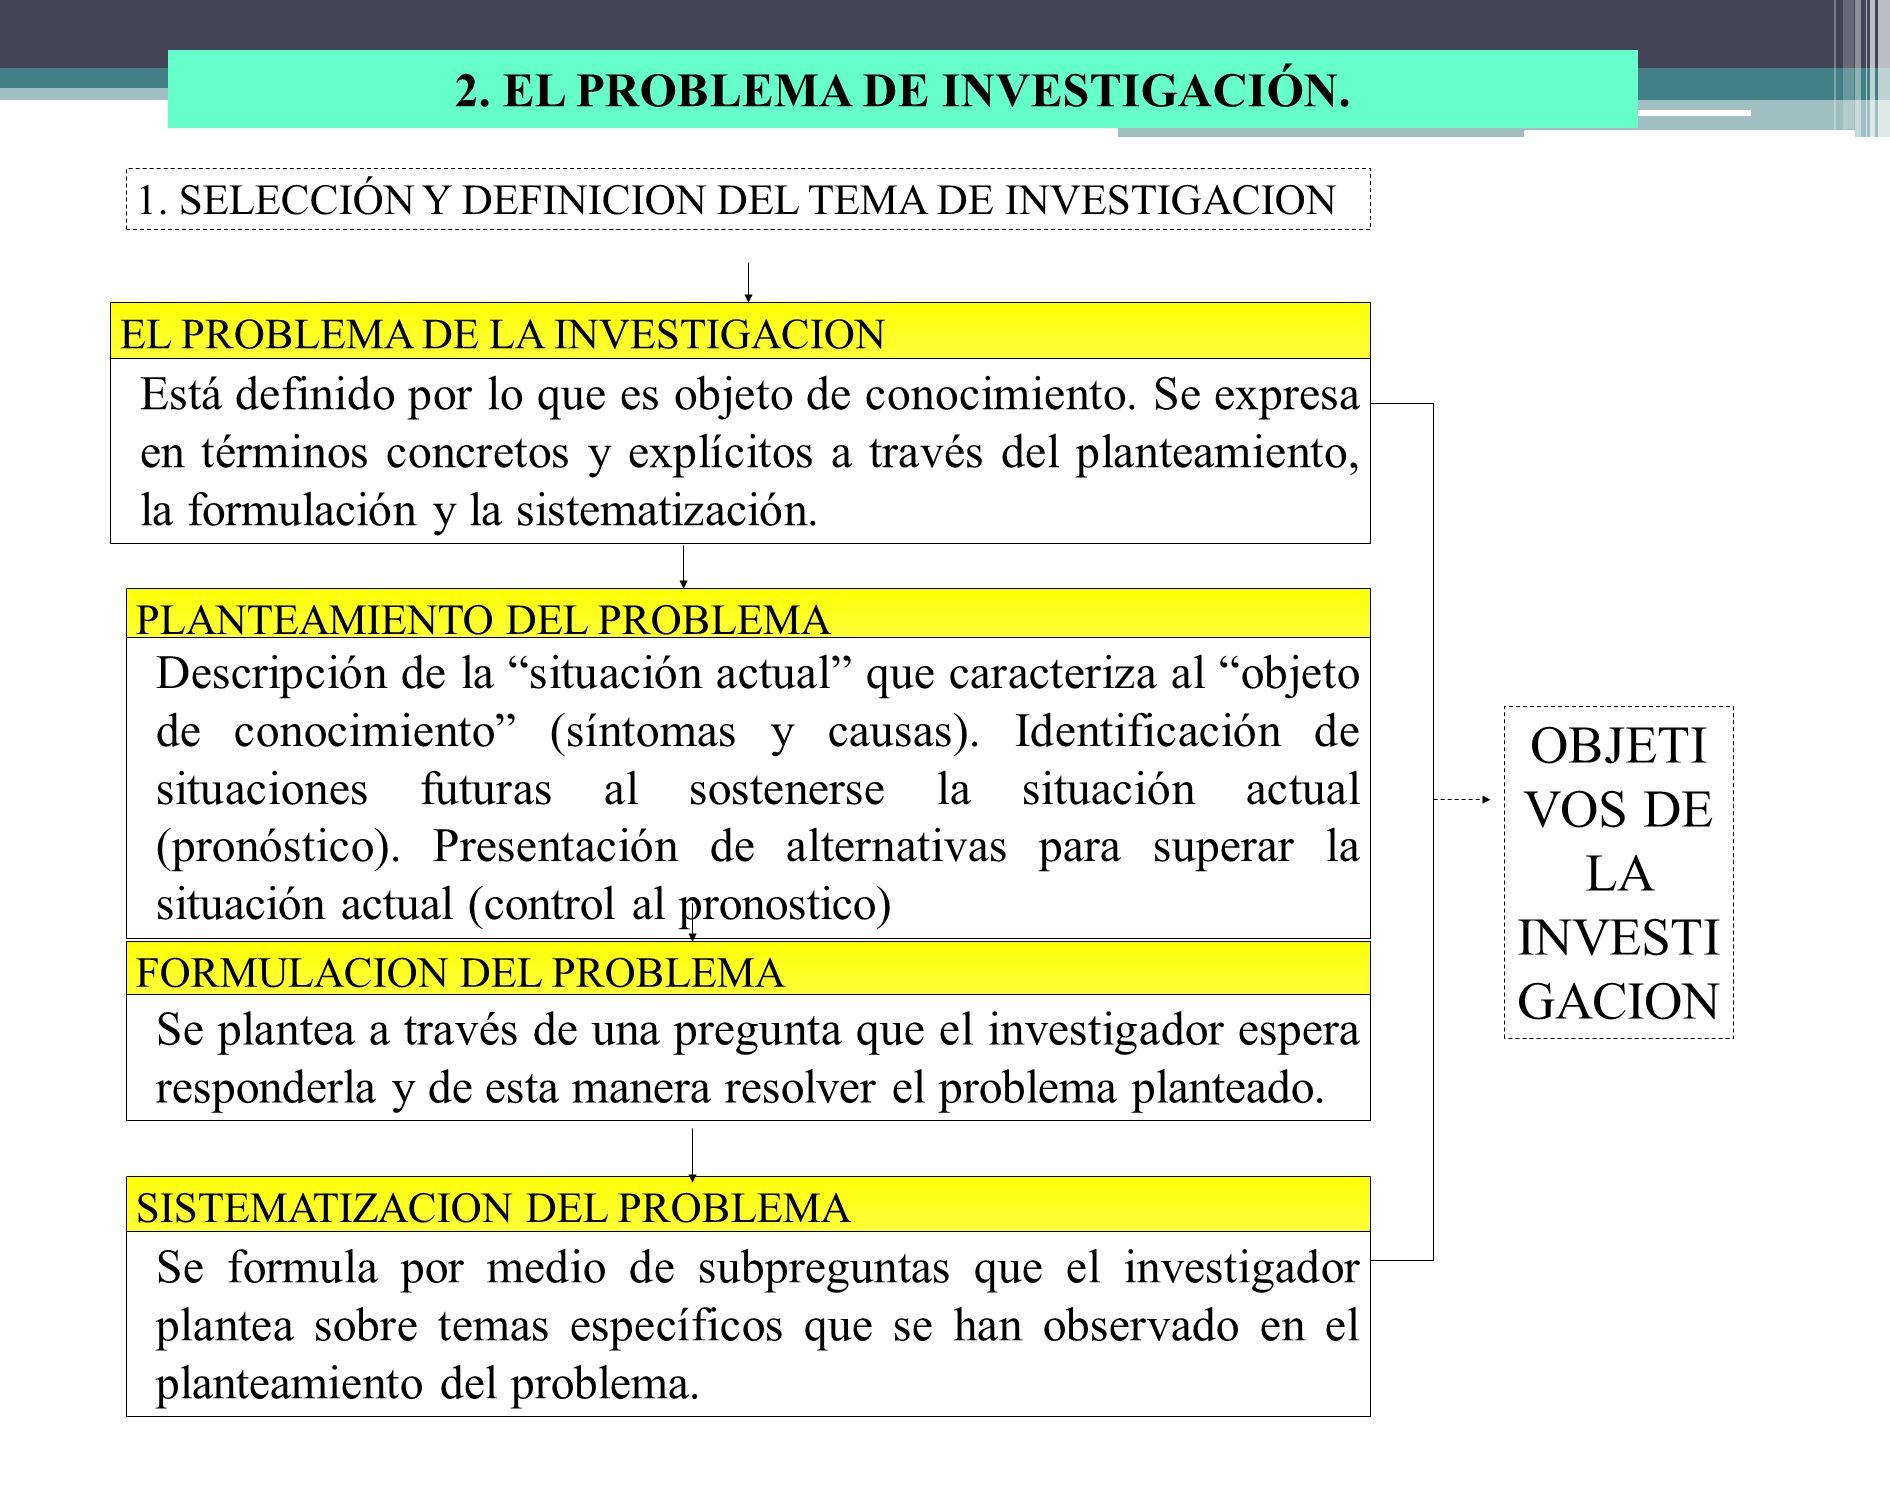 Ejemplo en Contabilidad Implantación de sistemas de costos. Procedimientos de auditoría interna. Análisis y evaluación de modelos de presupuestos. Sis